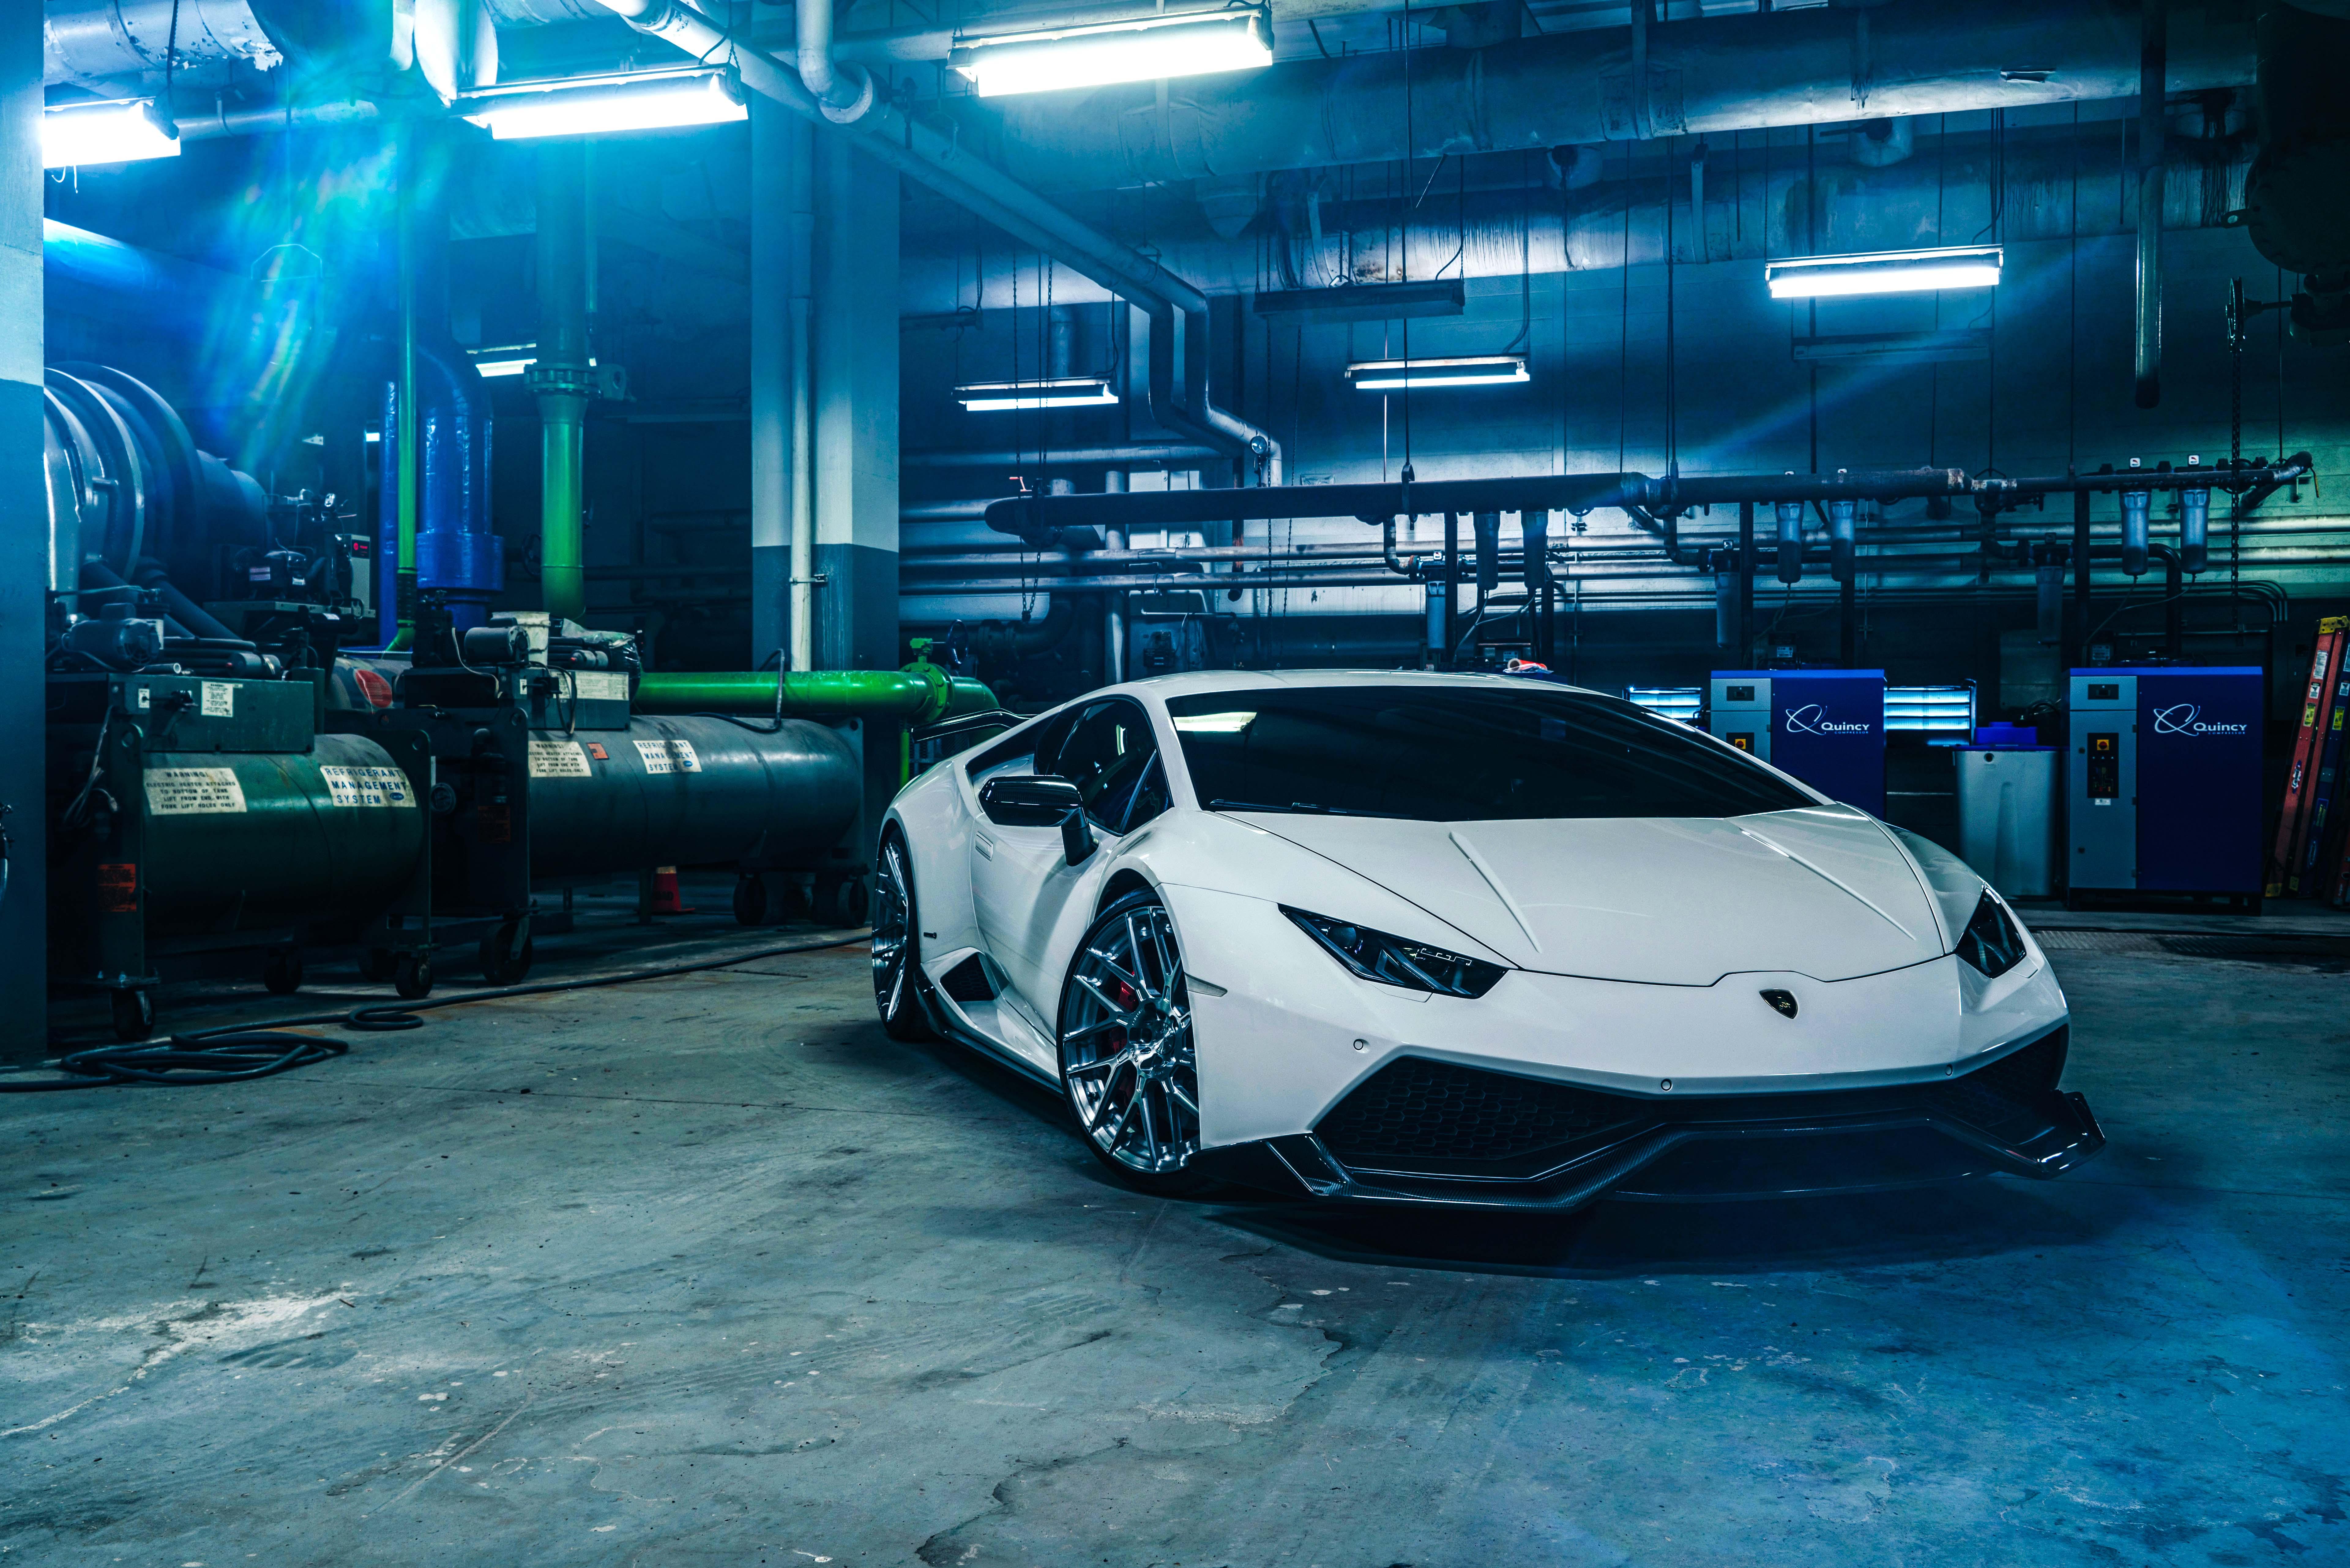 Lamborghini Huracan Car Sport Car Luxury Car 8K Wallpaper ...